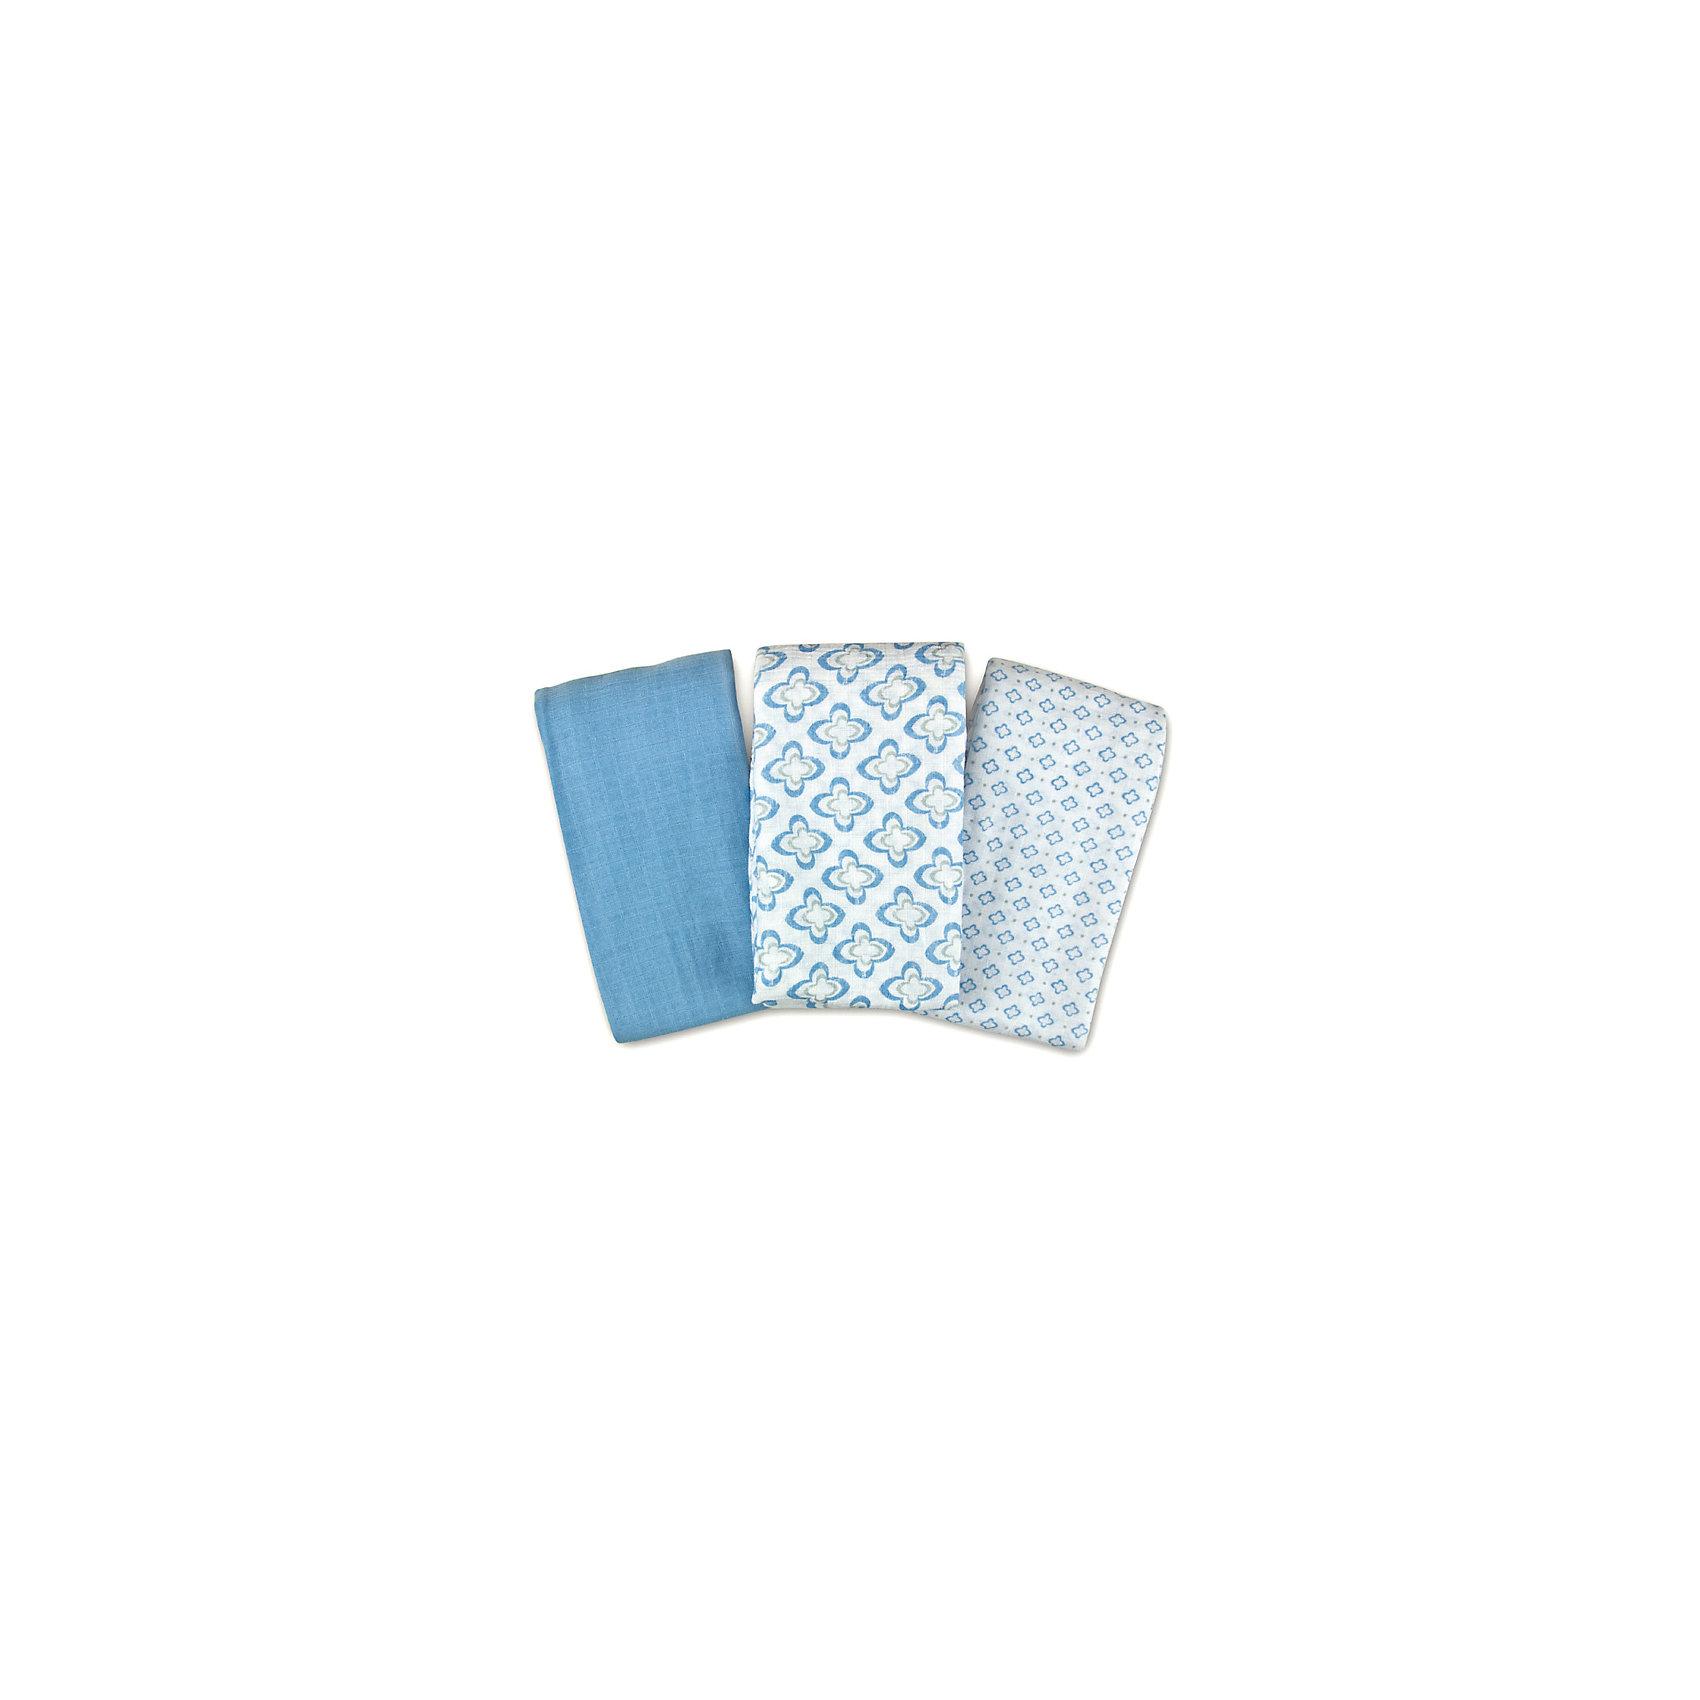 Набор пеленок  Summer Infant,  3 шт, синий с орнаментом